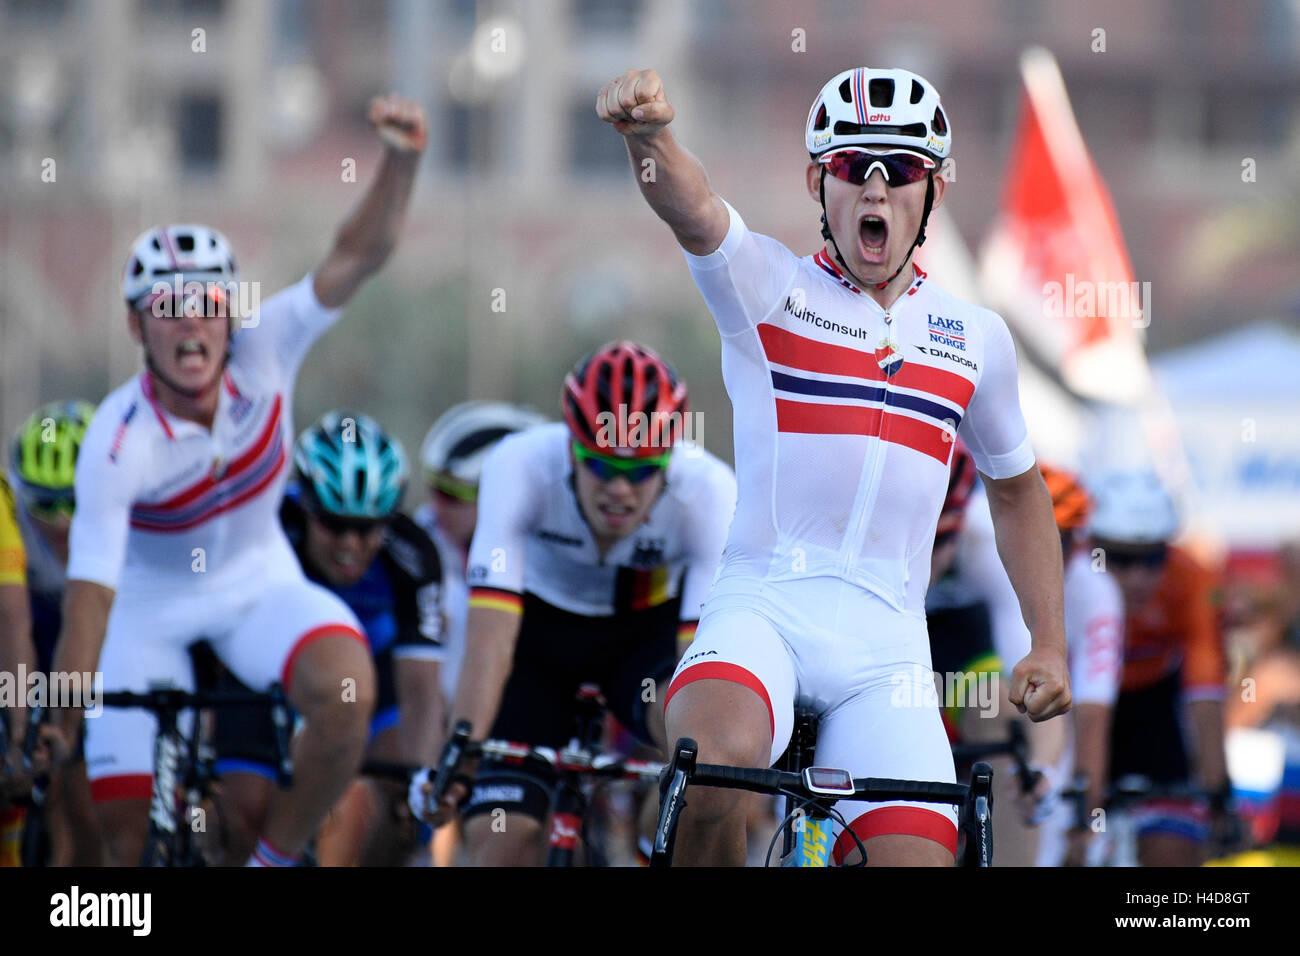 Kristoffer norvegese Halvorsen celebra come egli attraversa la linea del traguardo per vincere l'uomo sotto Immagini Stock